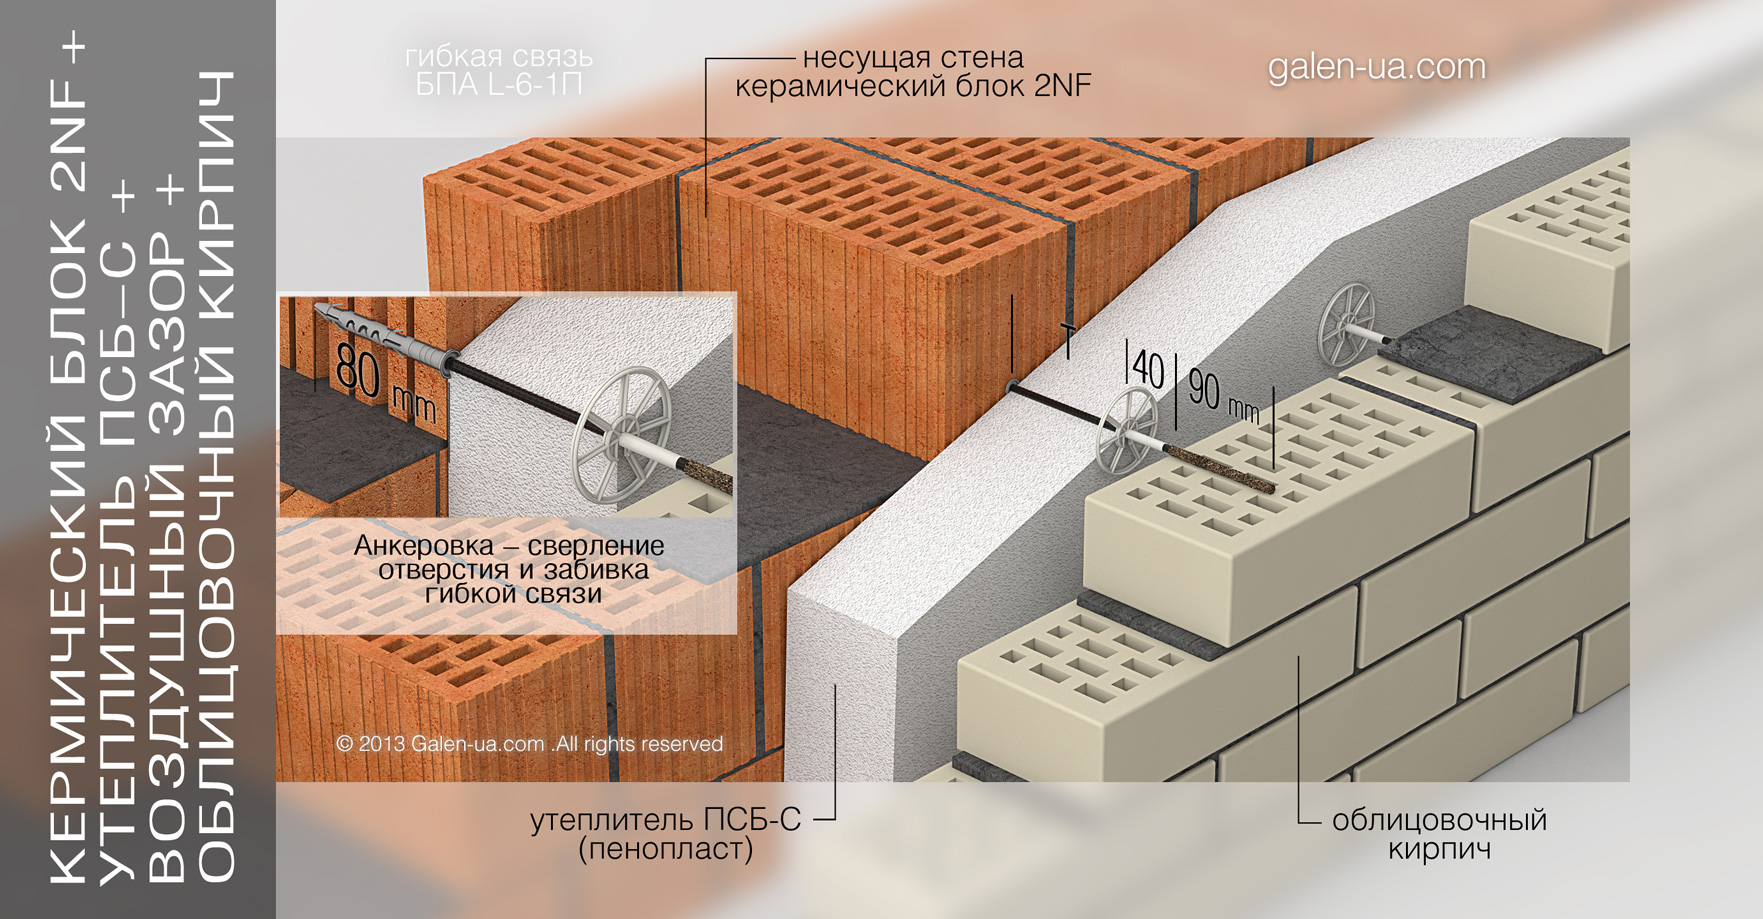 Гибкая связь БПА L-6-1П: Керамический блок 2NF + Утеплитель ПСБ-С + Воздушный зазор + Облицовочный кирпич